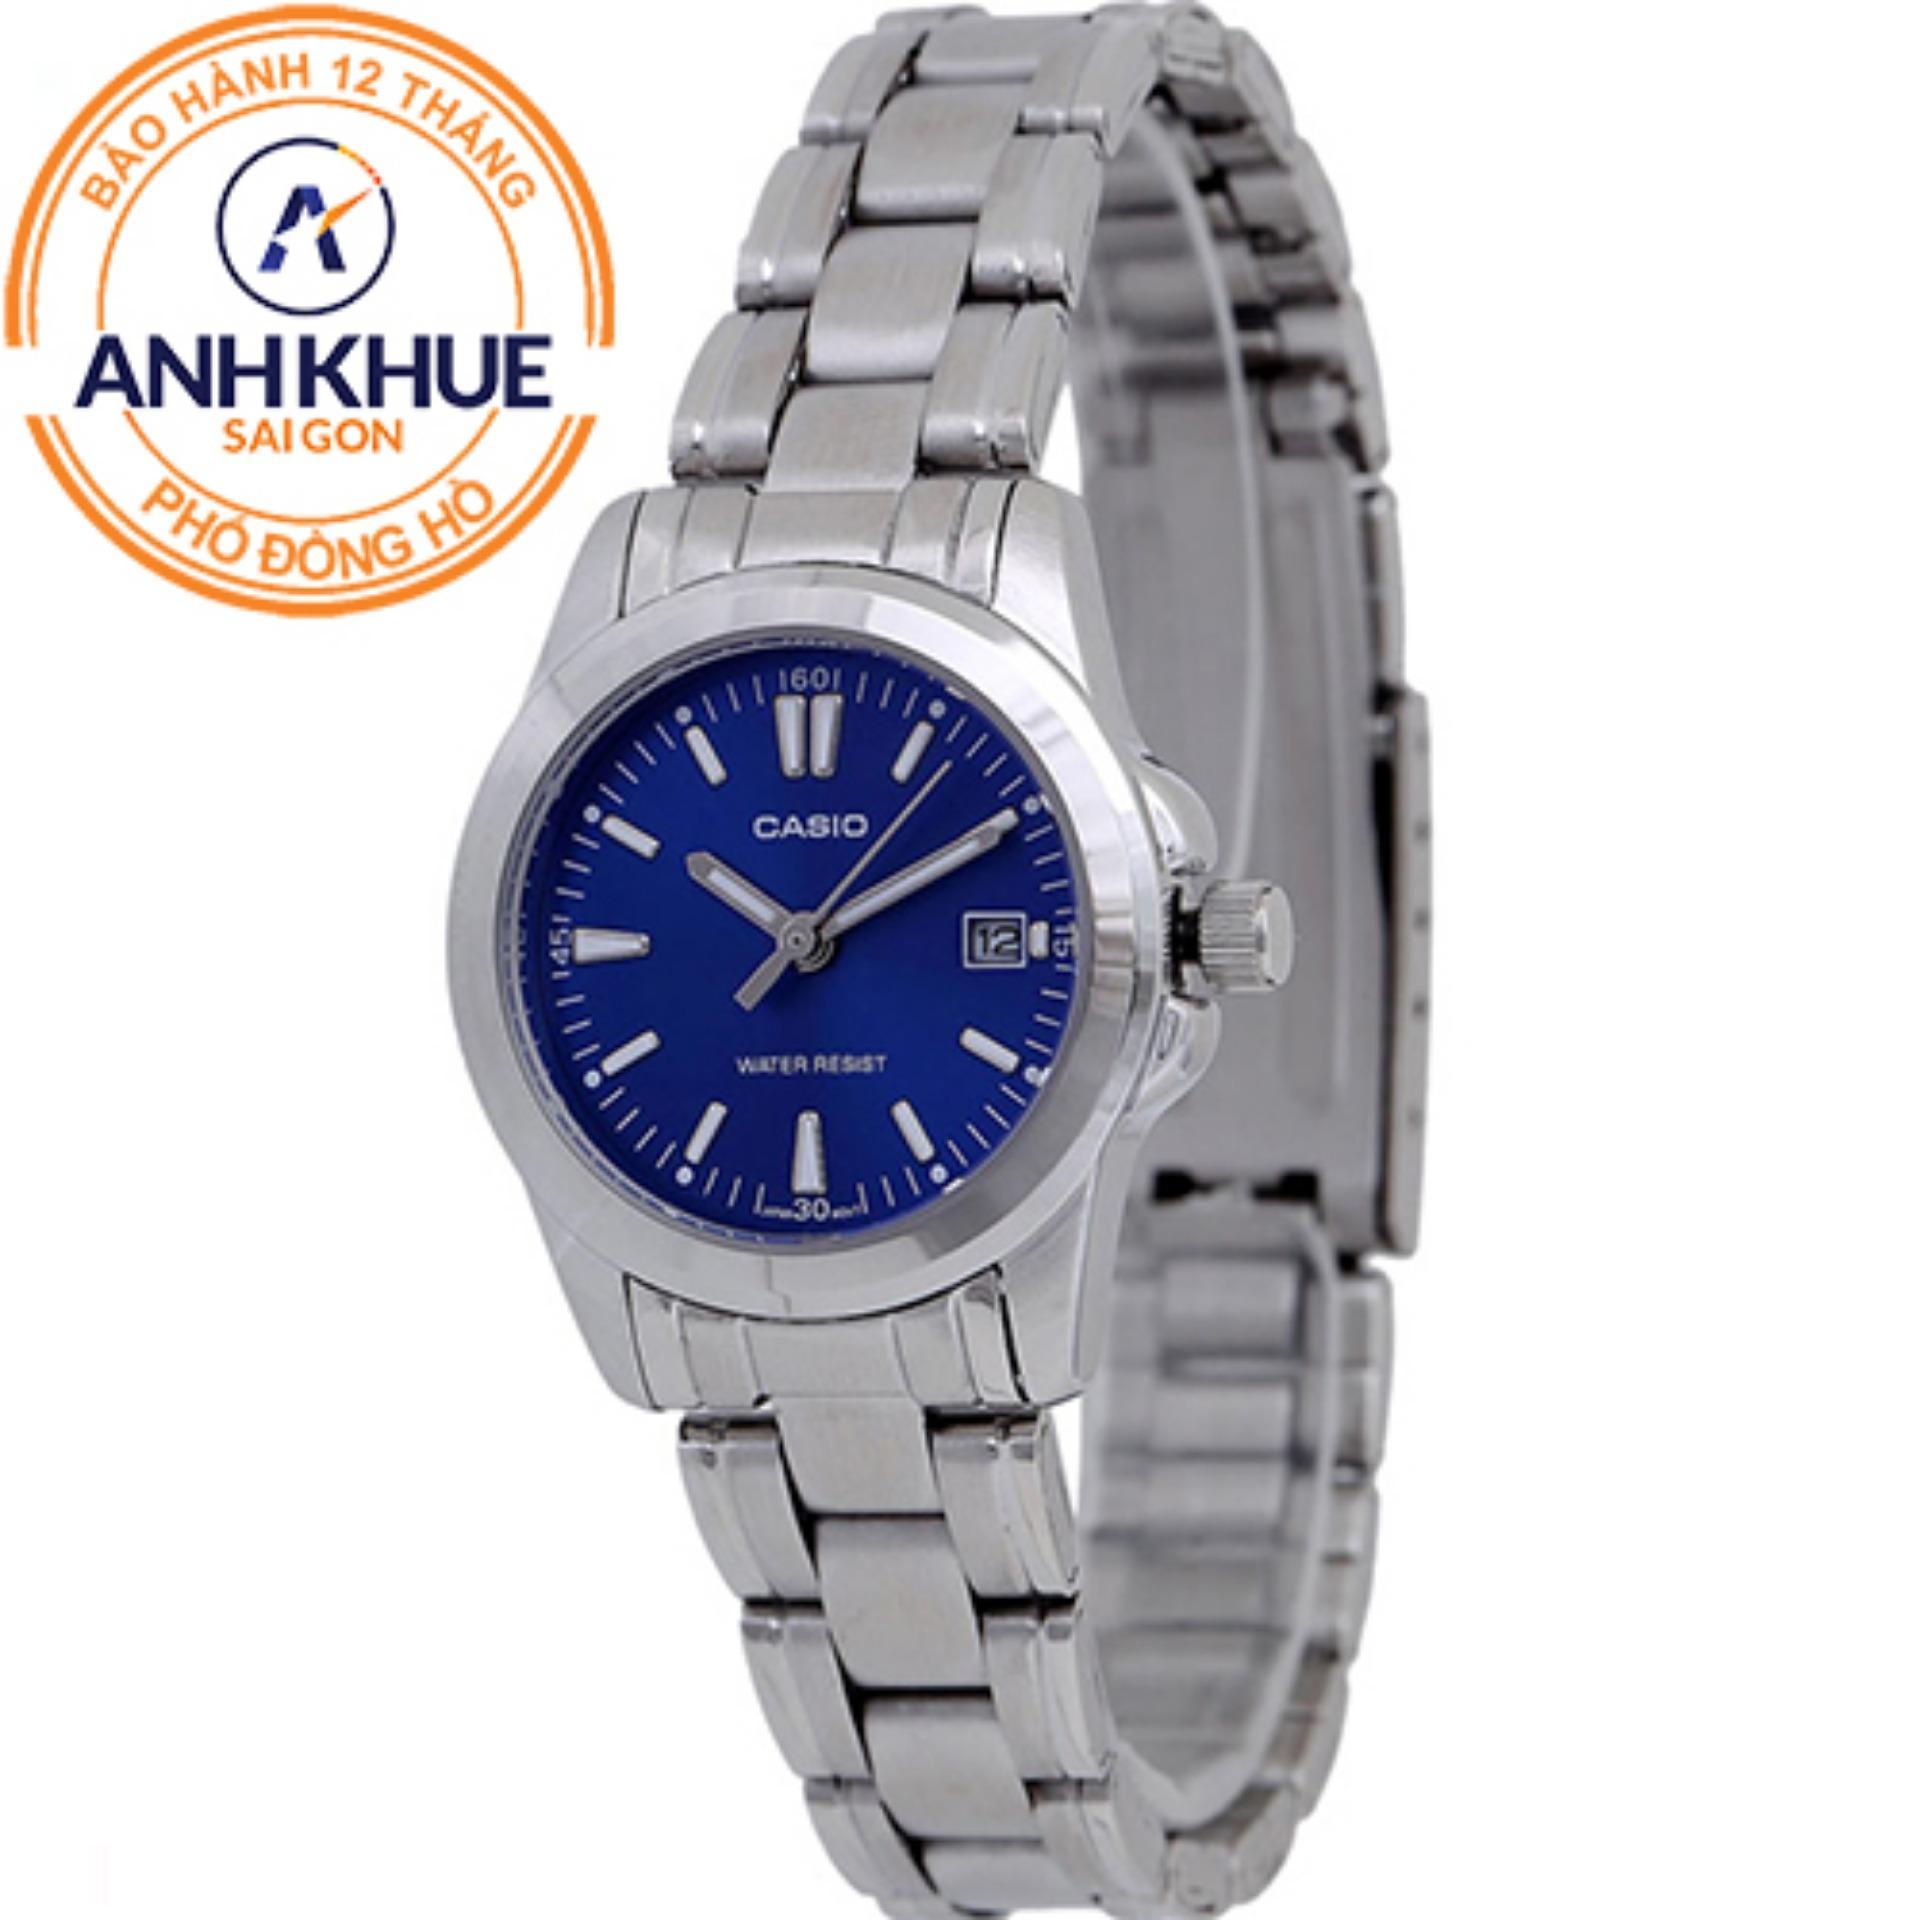 Đồng hồ nữ dây kim loại Casio Anh Khuê LTP-1215A-2A2DF